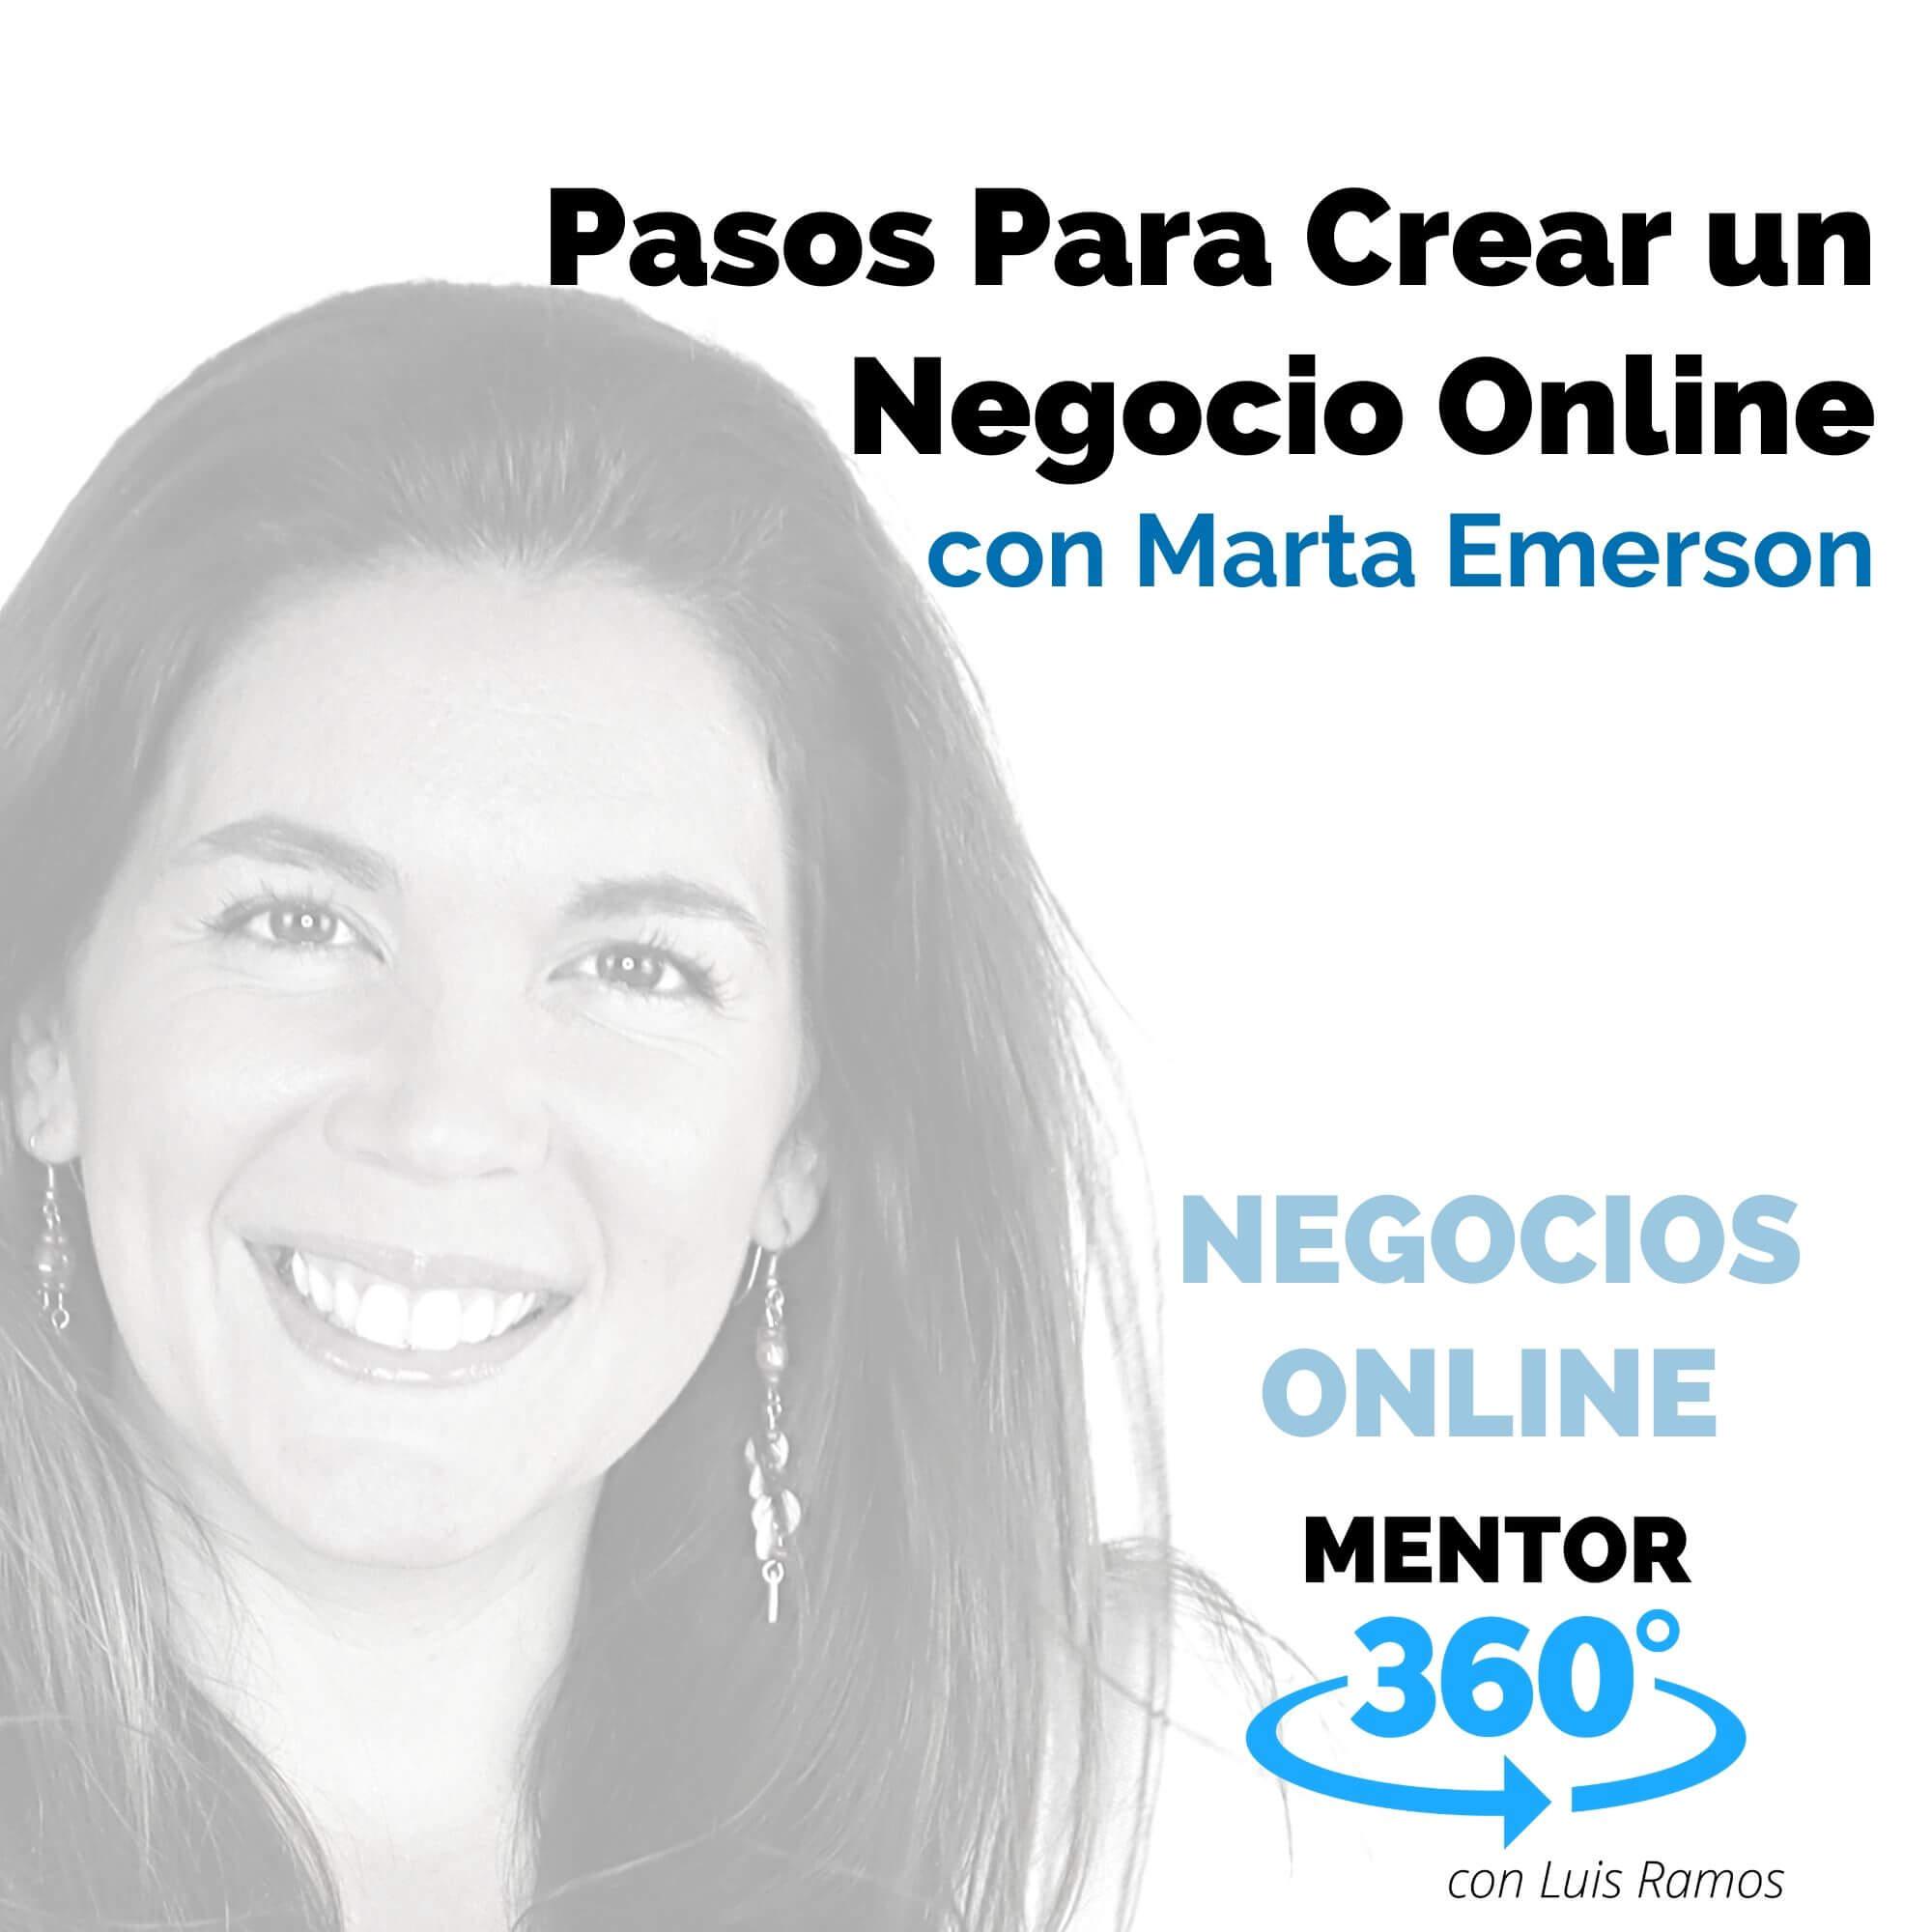 Pasos para crear un negocio Online, con Marta Emerson - NEGOCIOS ONLINE